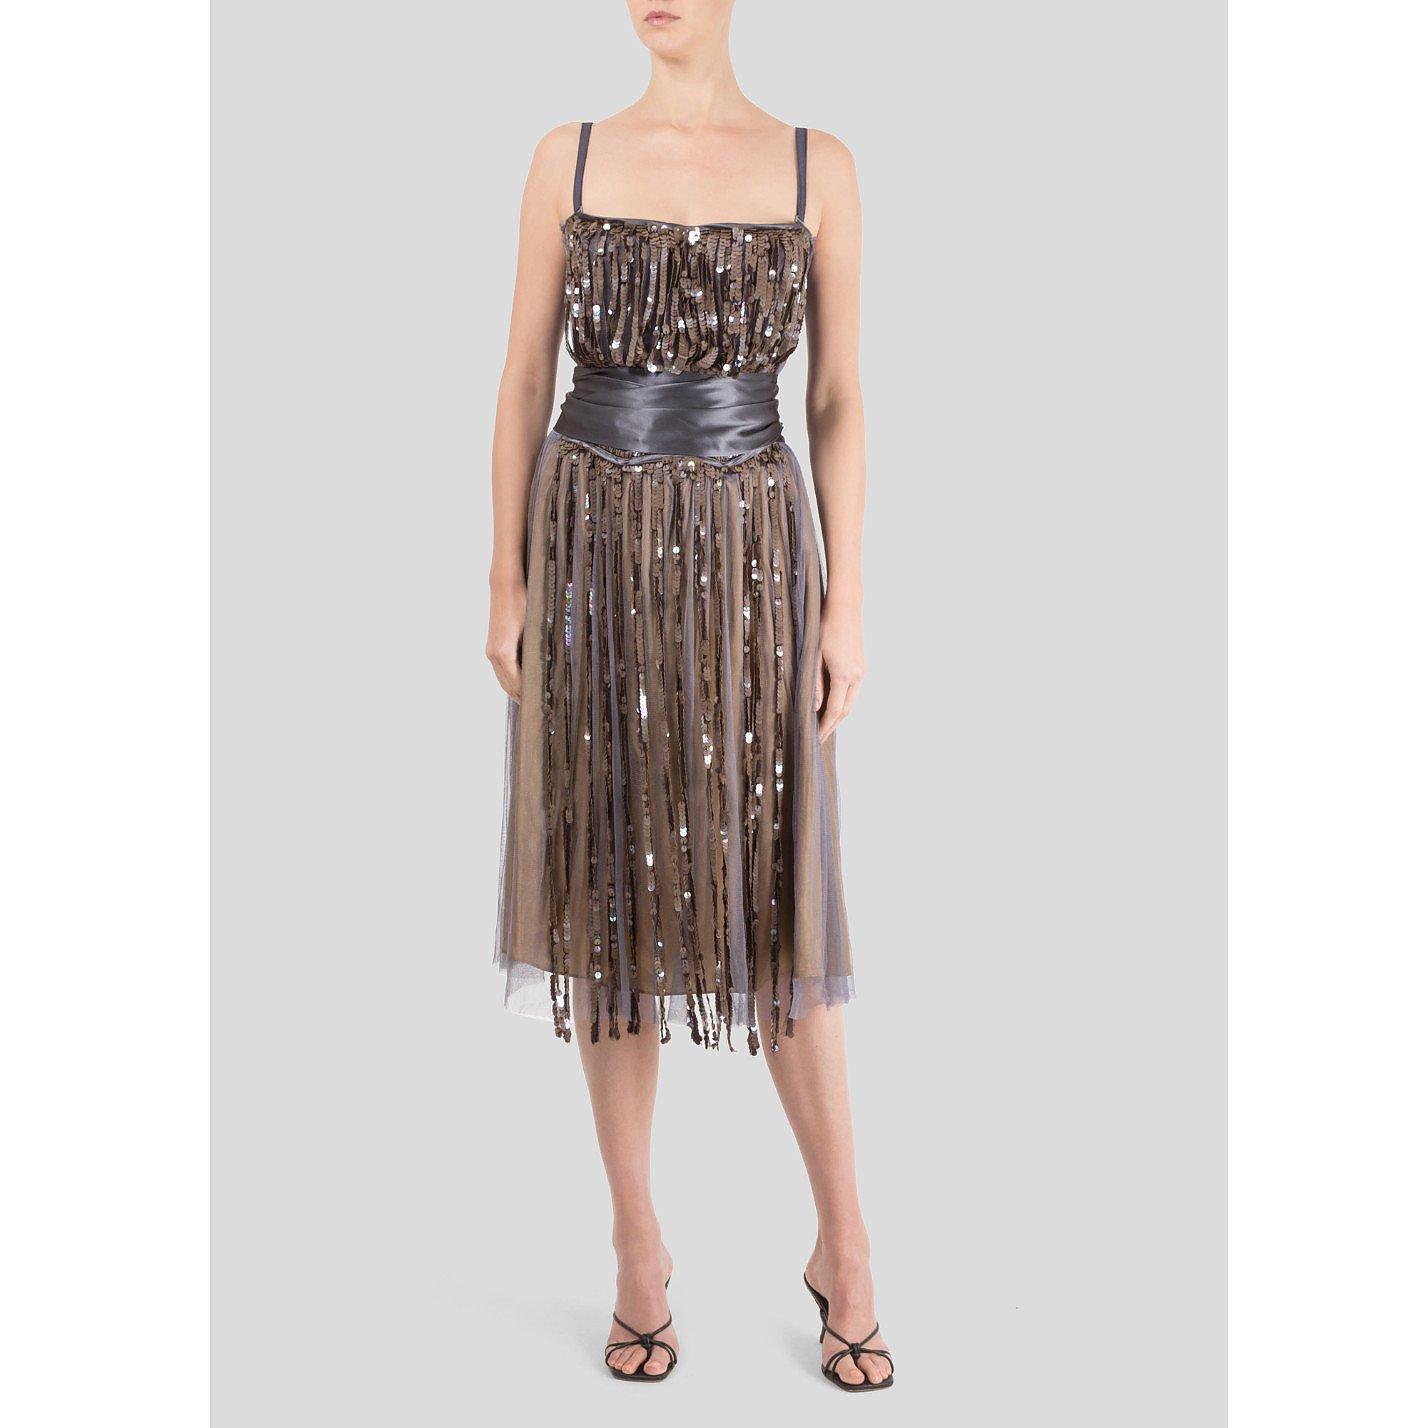 La Petite Salope Fringe Sequin Detail Dress